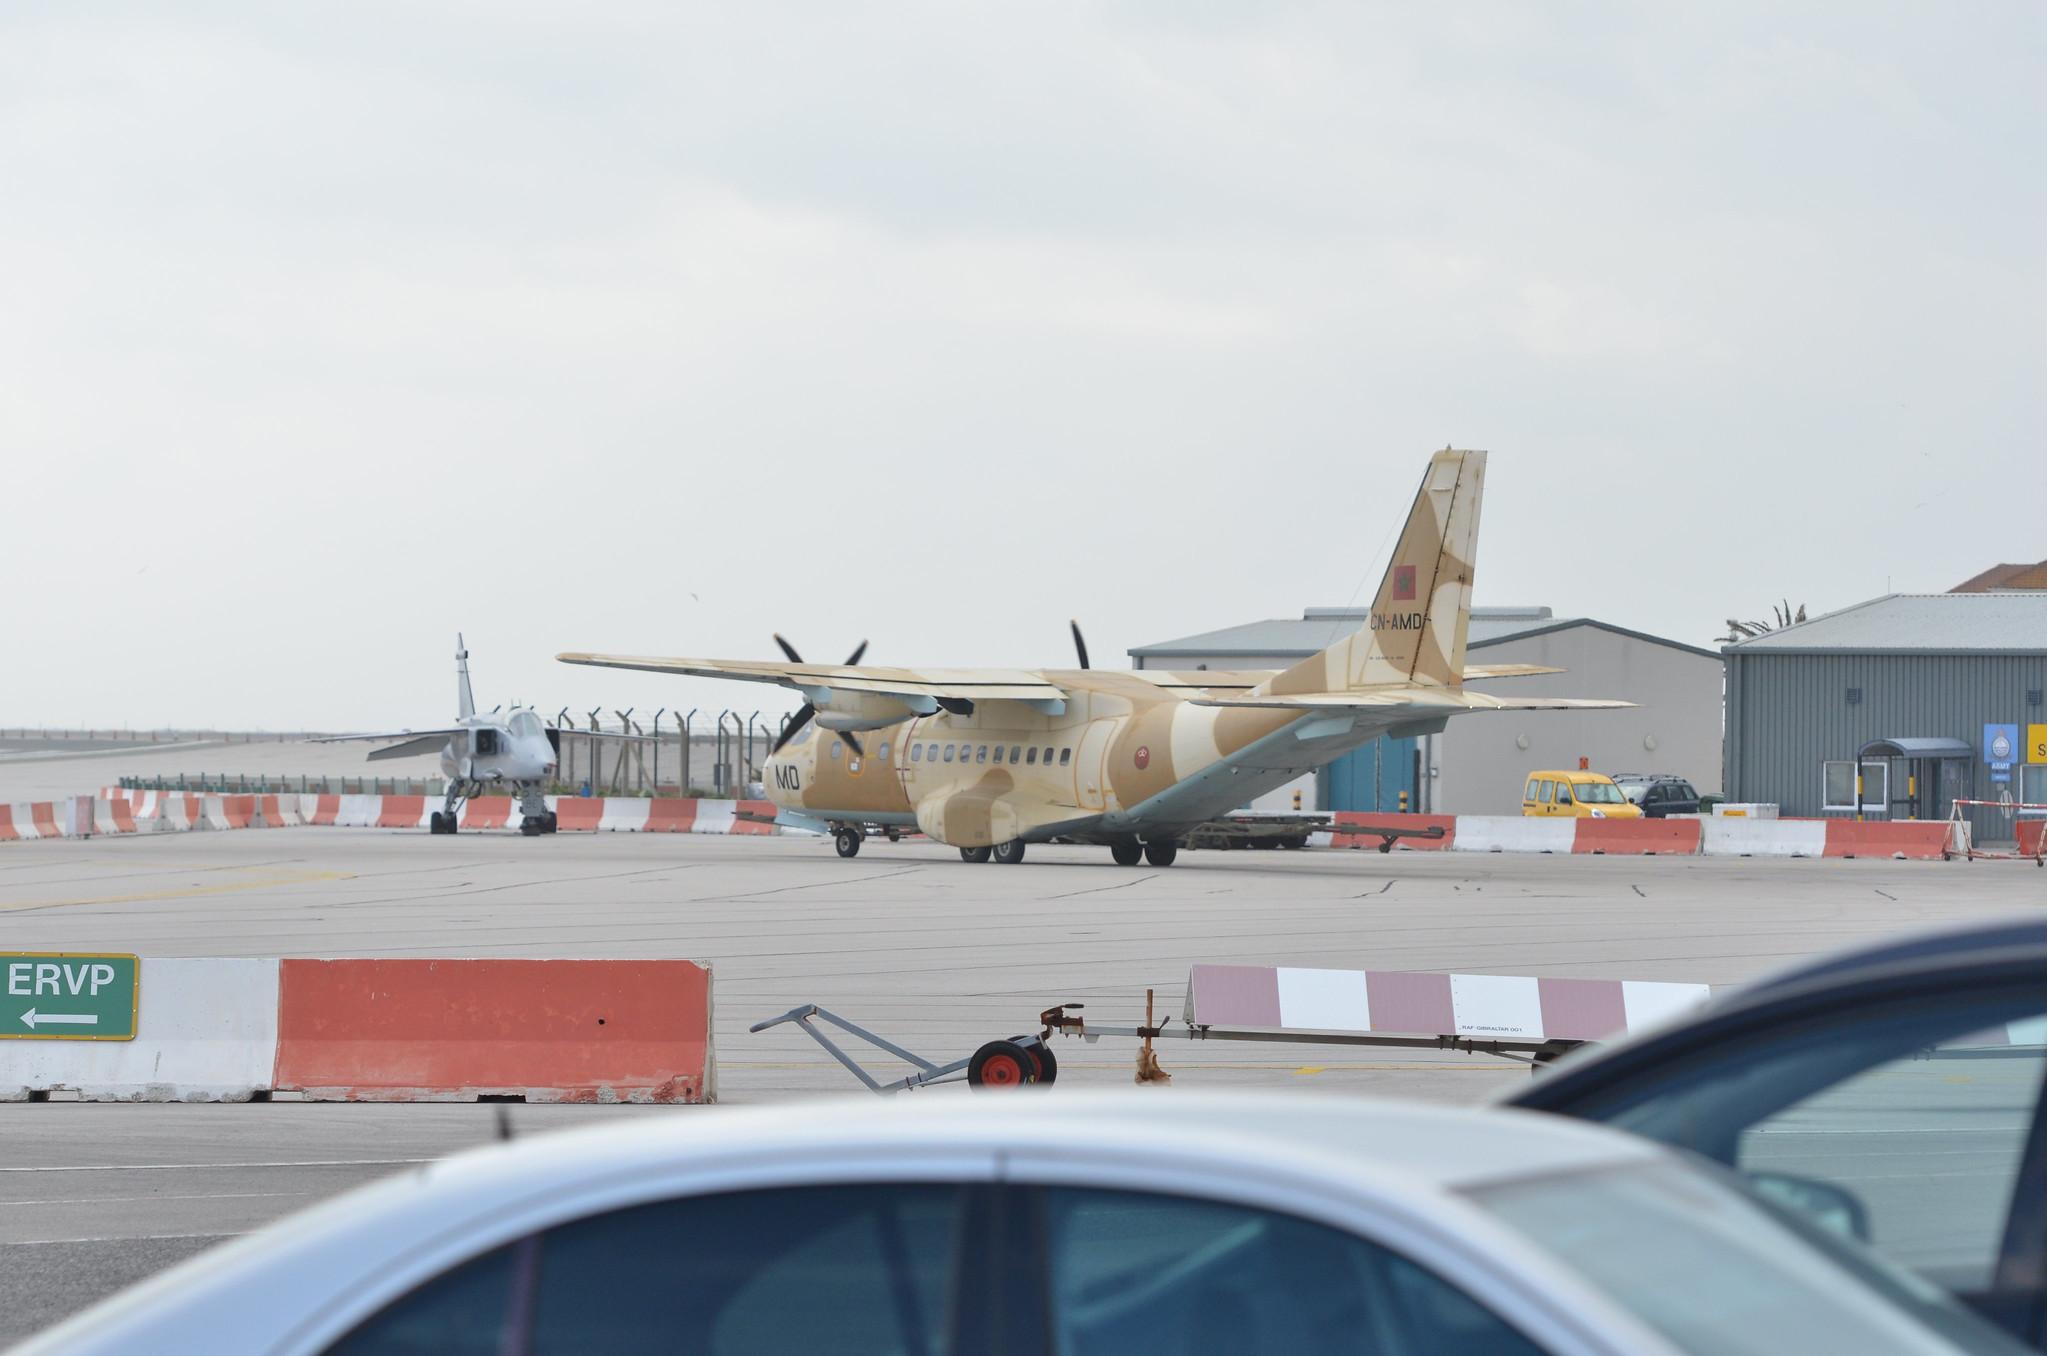 طائرات النقل العاملة بالقوات المسلحة المغربية 13060123593_a9db2b0789_k